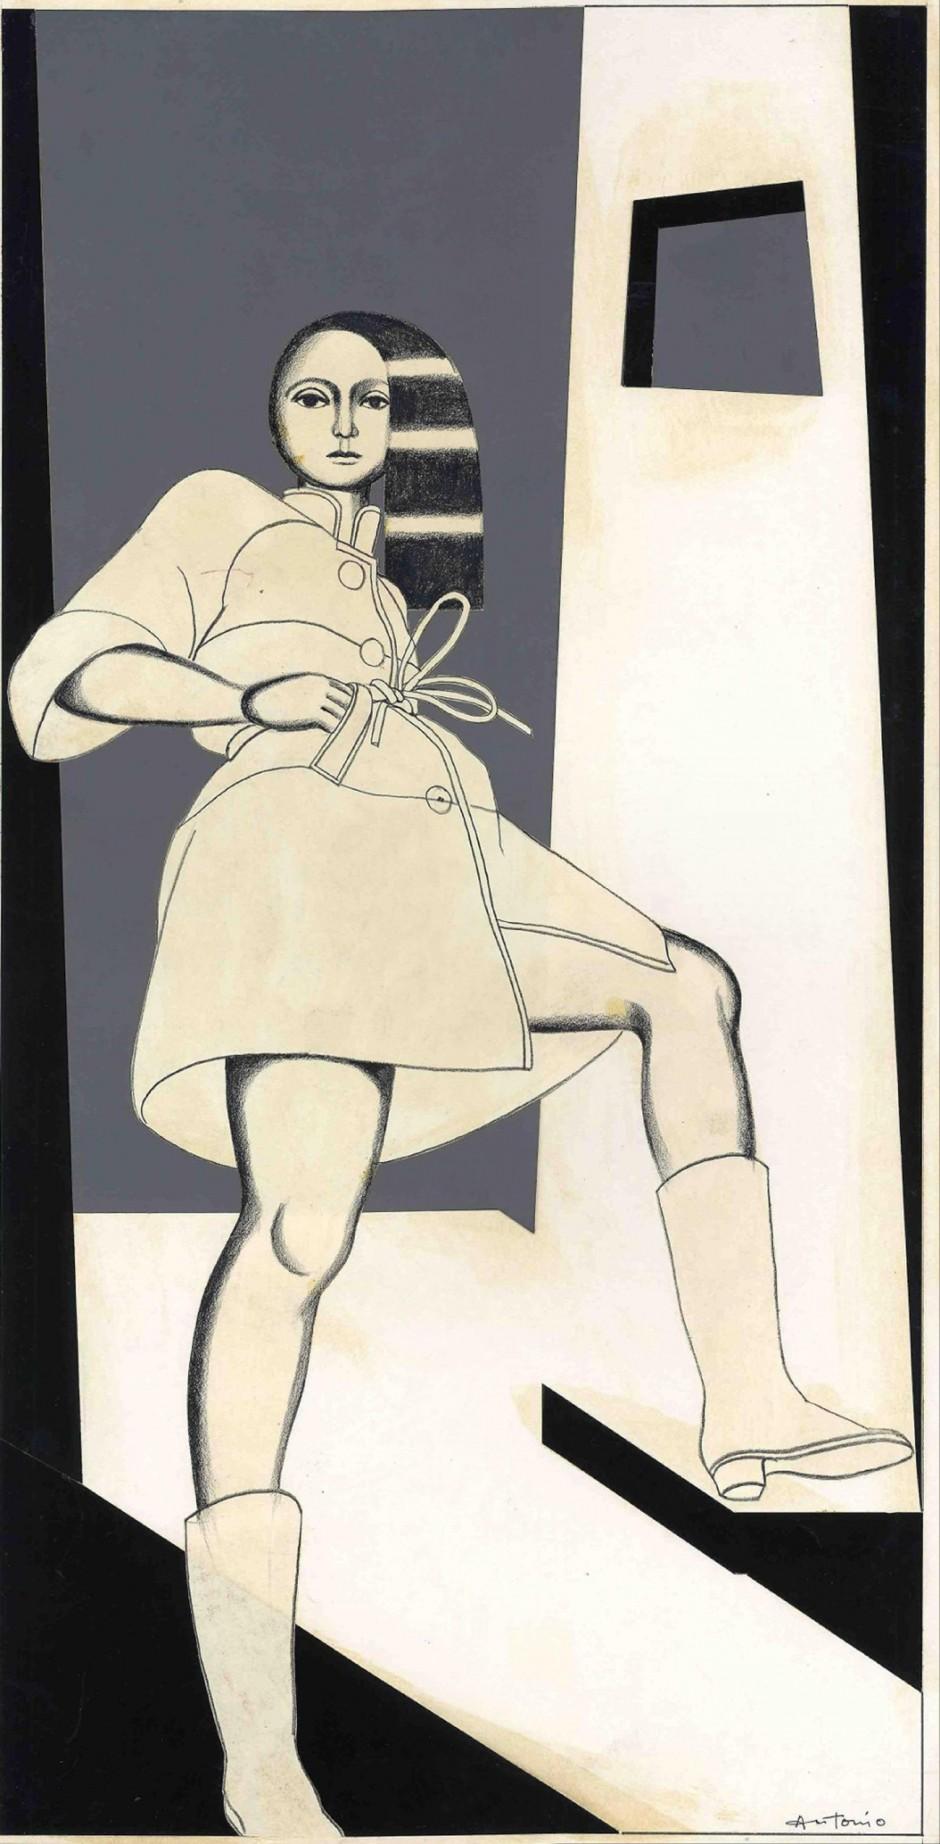 Antonio, Léger Series, 1963, veröffentlicht in The New York Times Magazine, Mixed Media, 69 x 27 cm